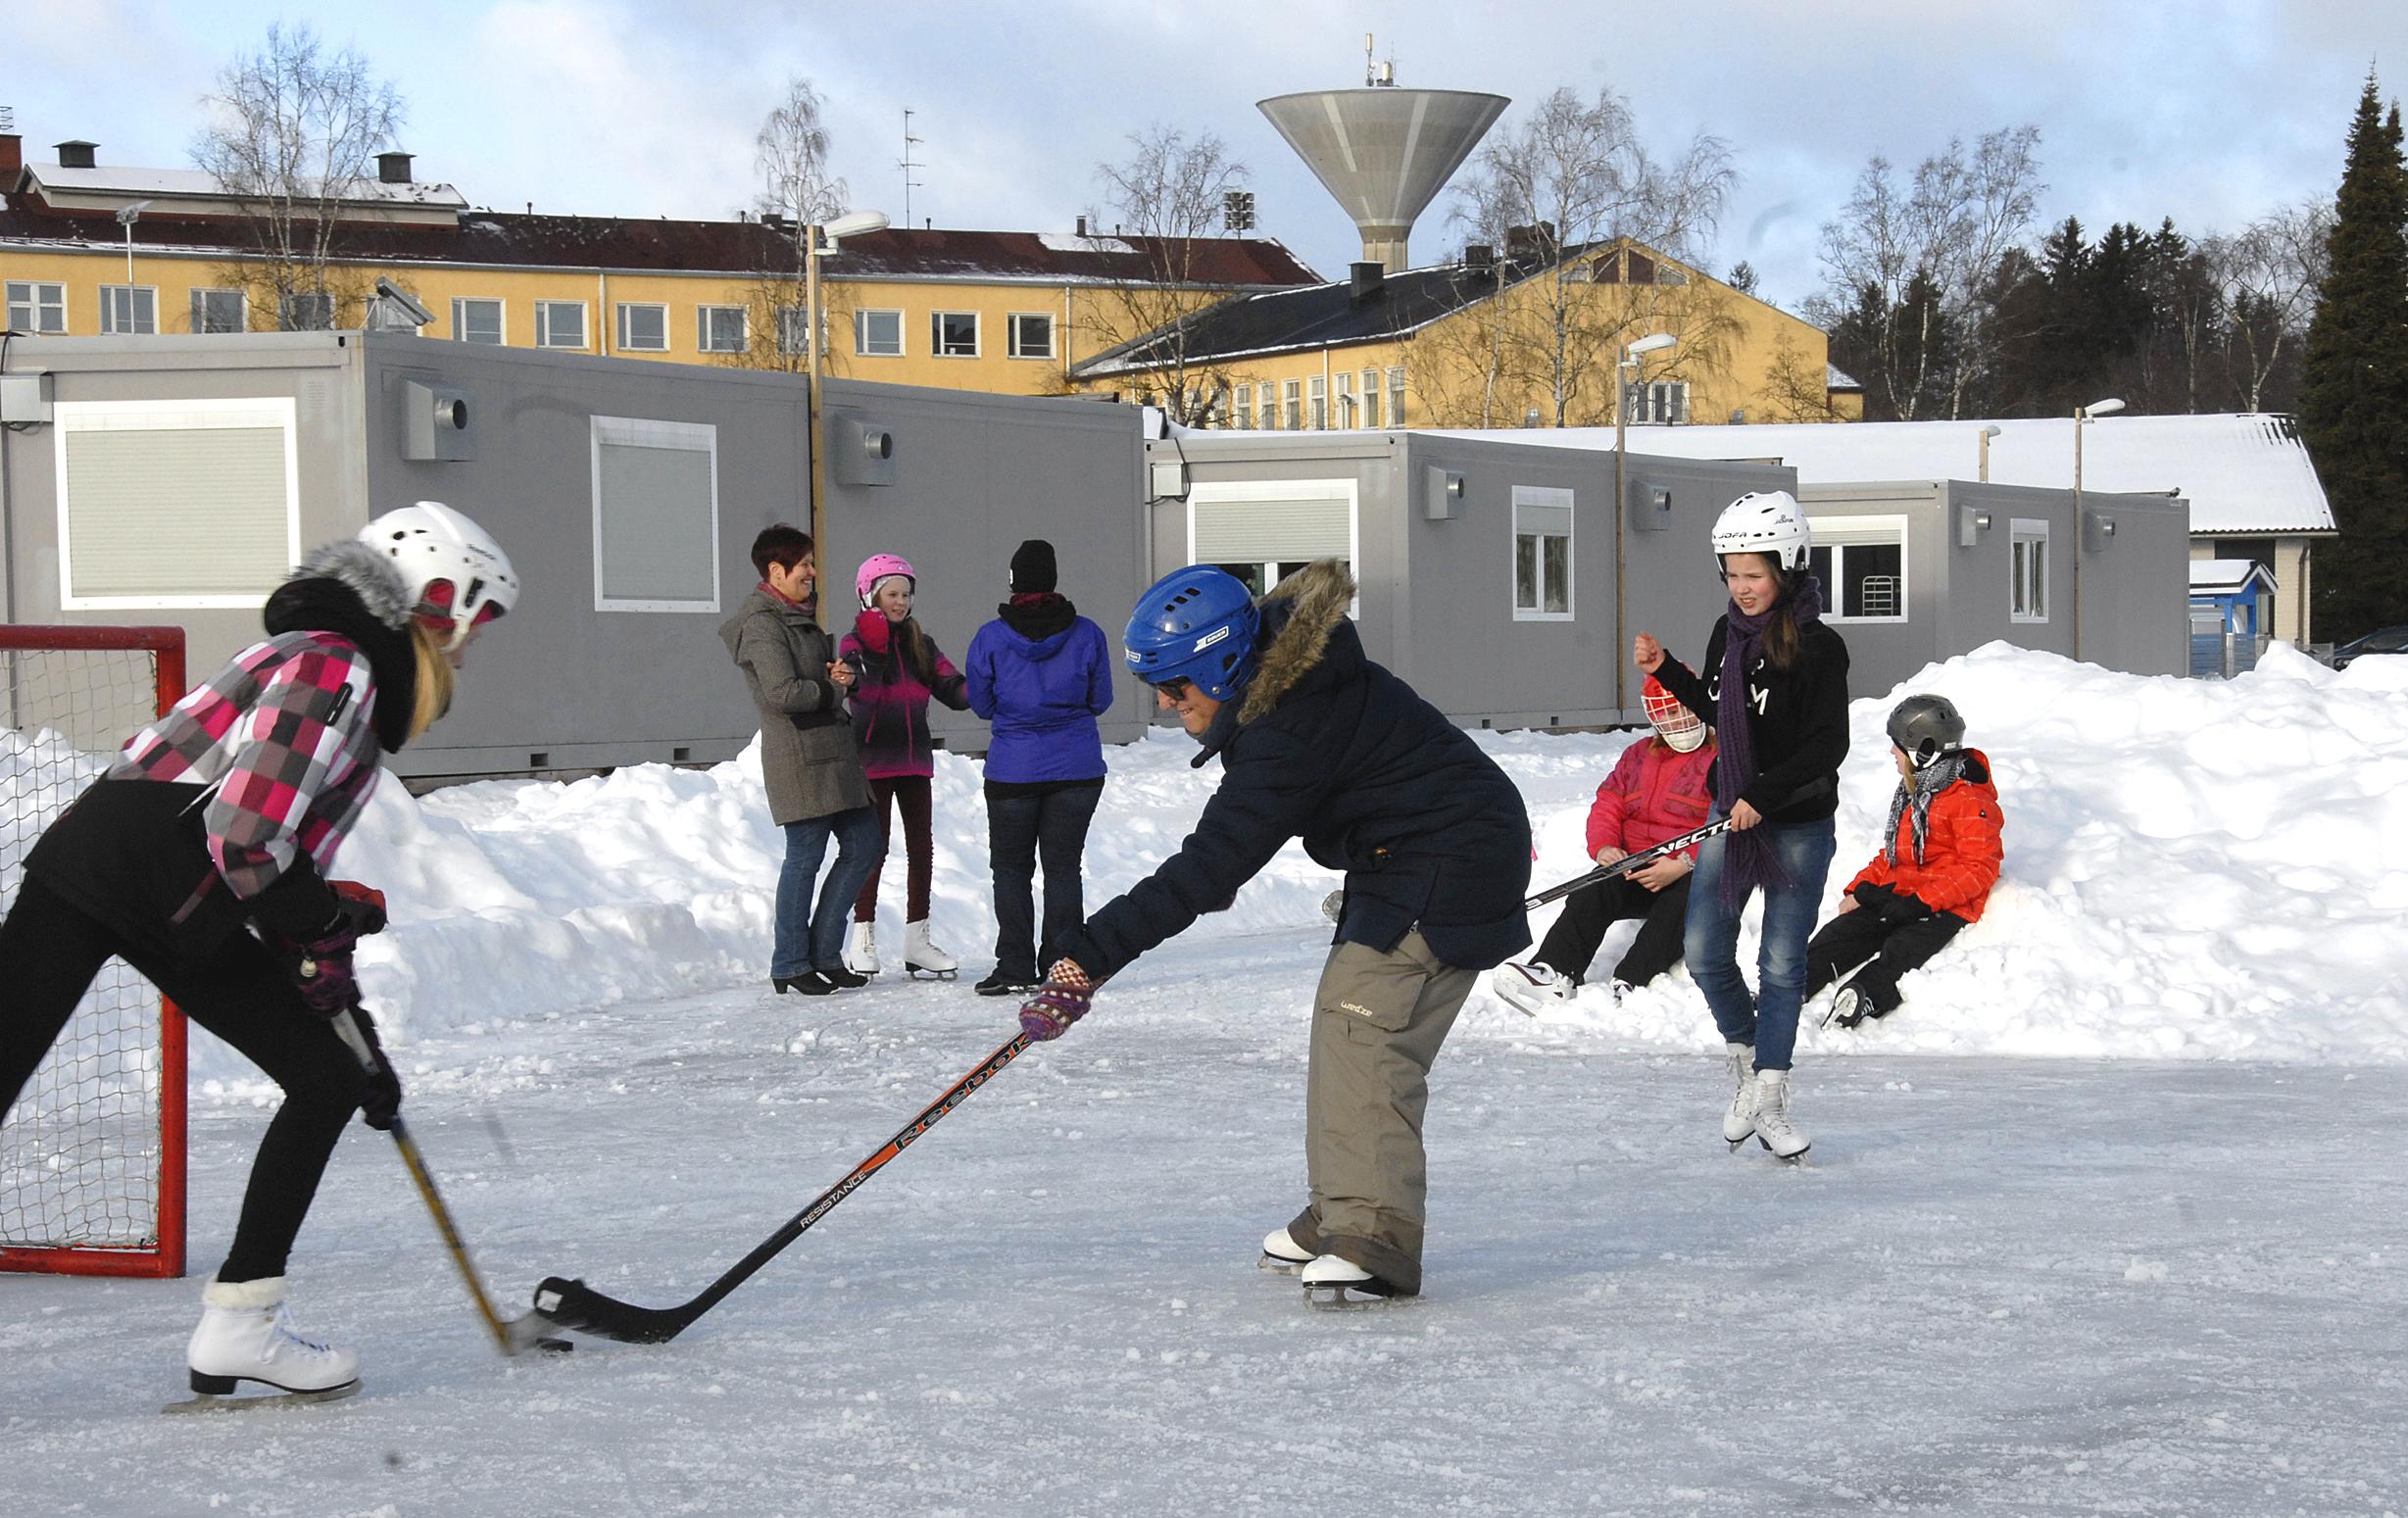 Espanjalaisvieraat tutustuivat lumeen ja suomalaiseen koulujärjestelmään - Akaan Seutu